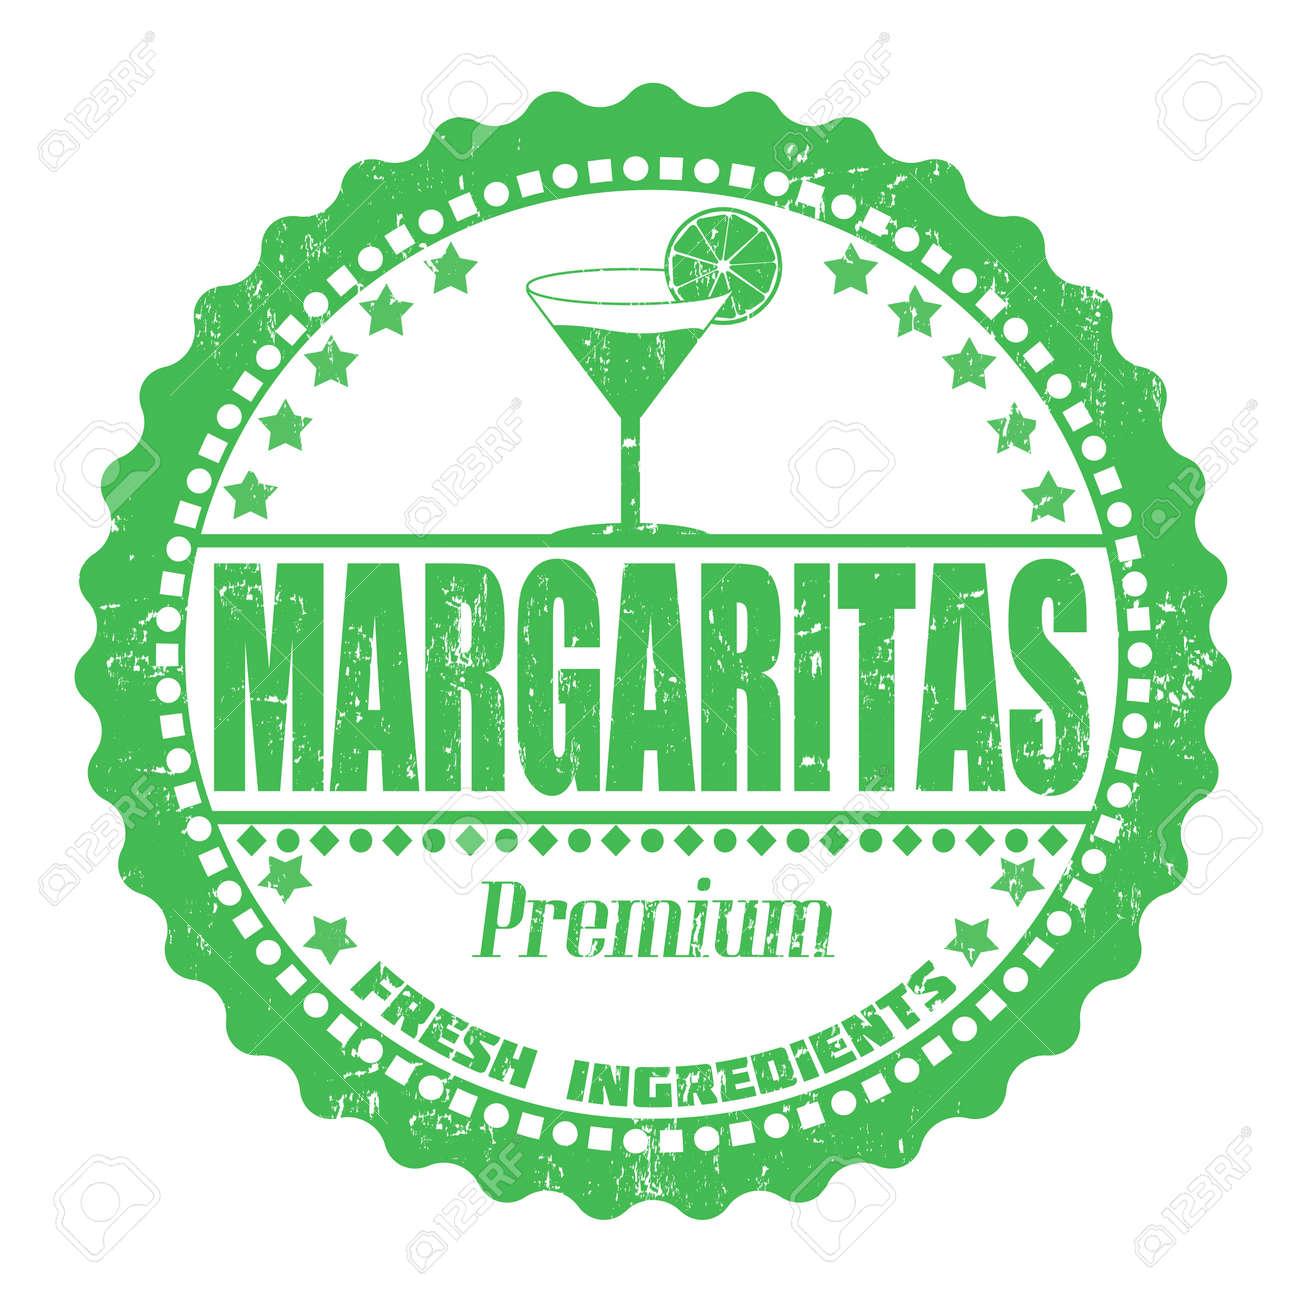 Margaritas grunge rubber stamp on white, vector illustration Stock Vector - 22873187